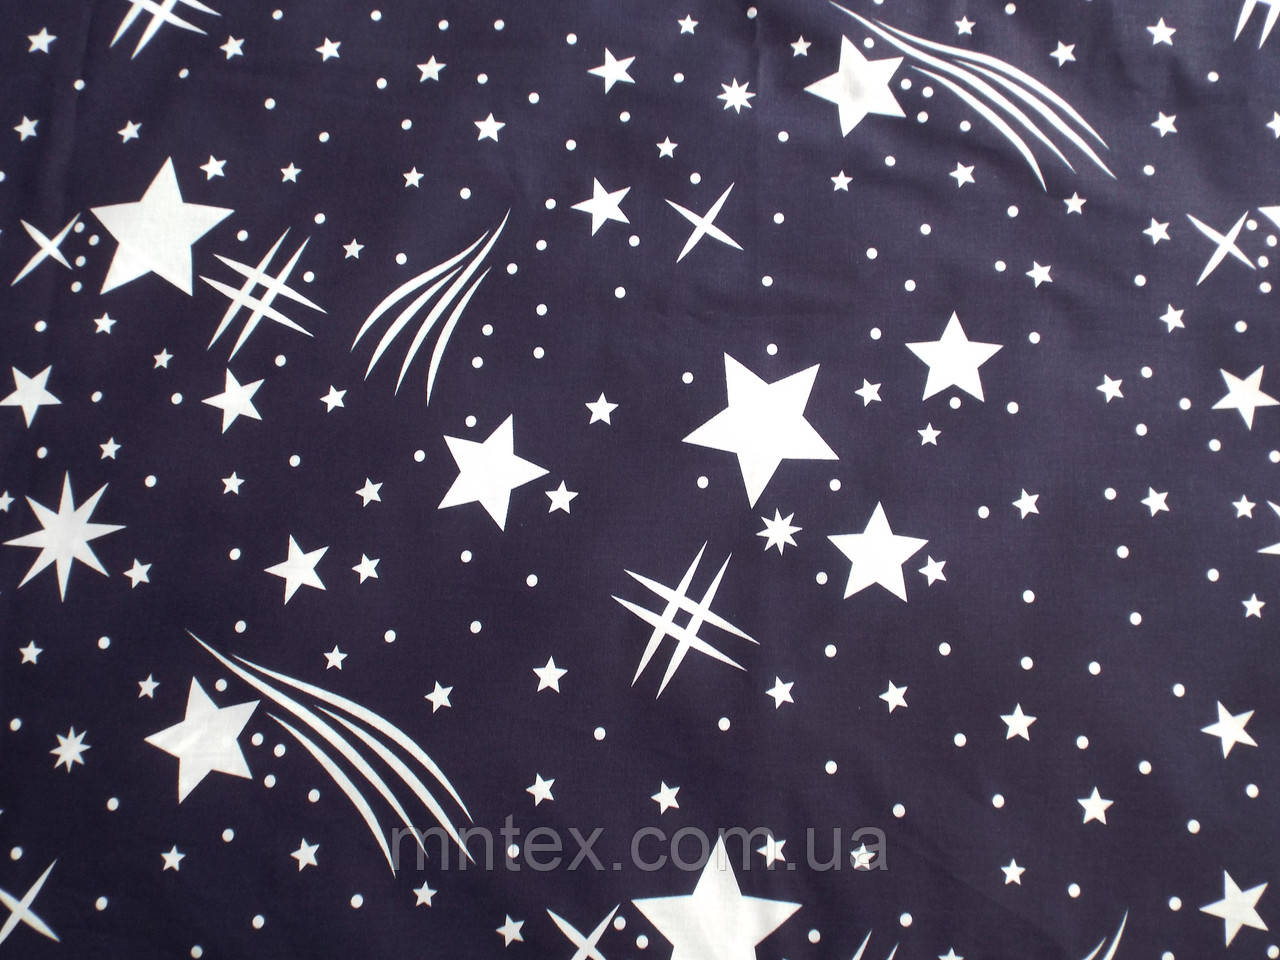 Ткань для пошива постельного белья Ранфорс Звездочет